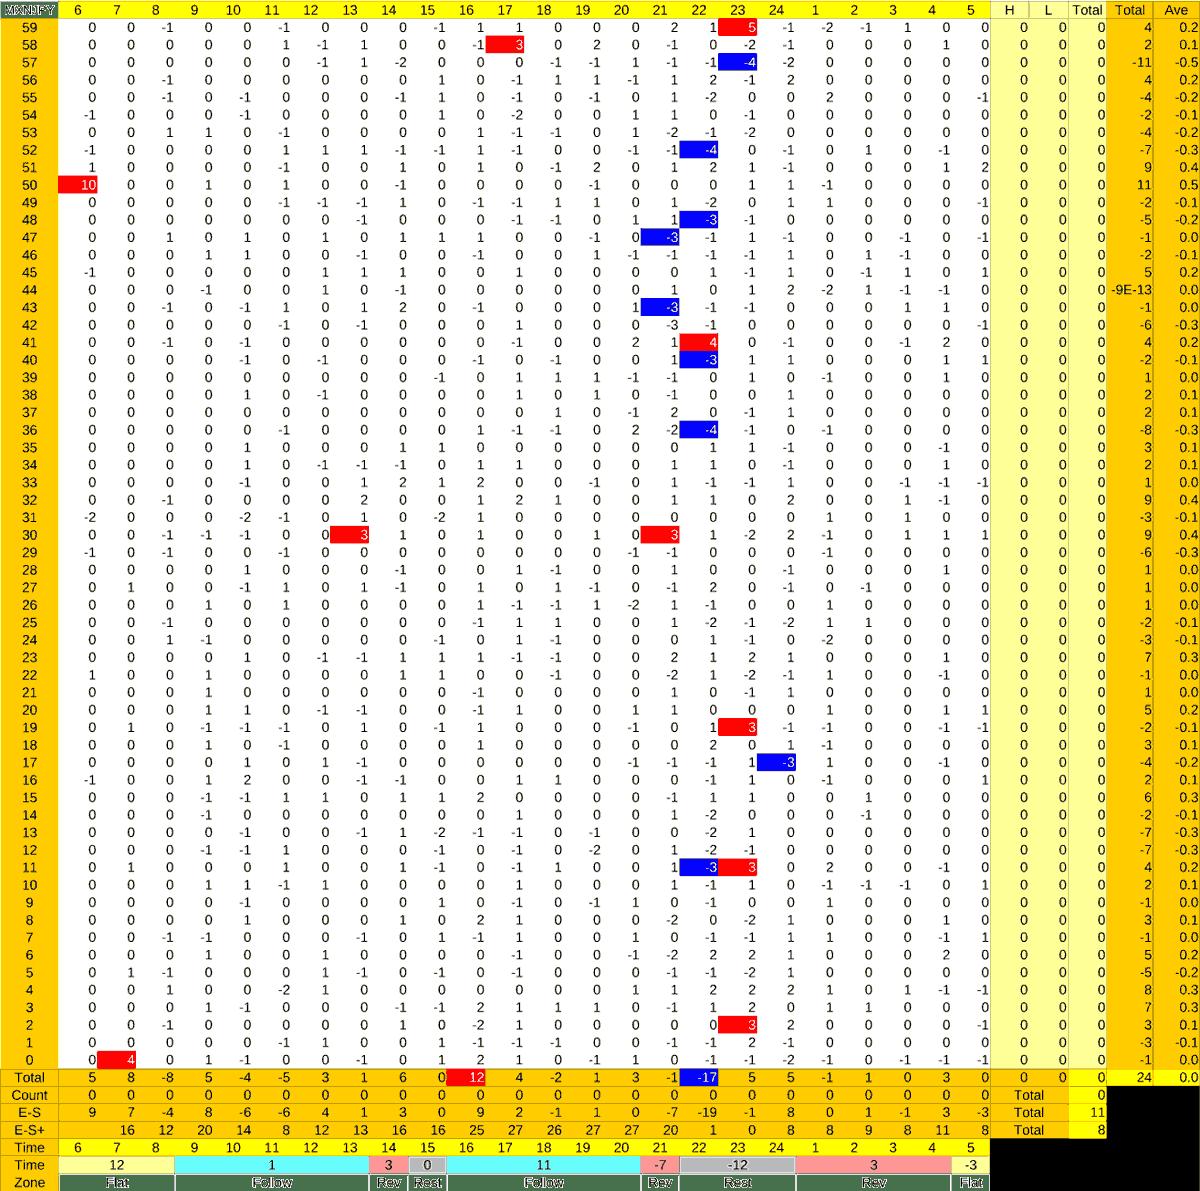 20210803_HS(3)MXNJPY-min